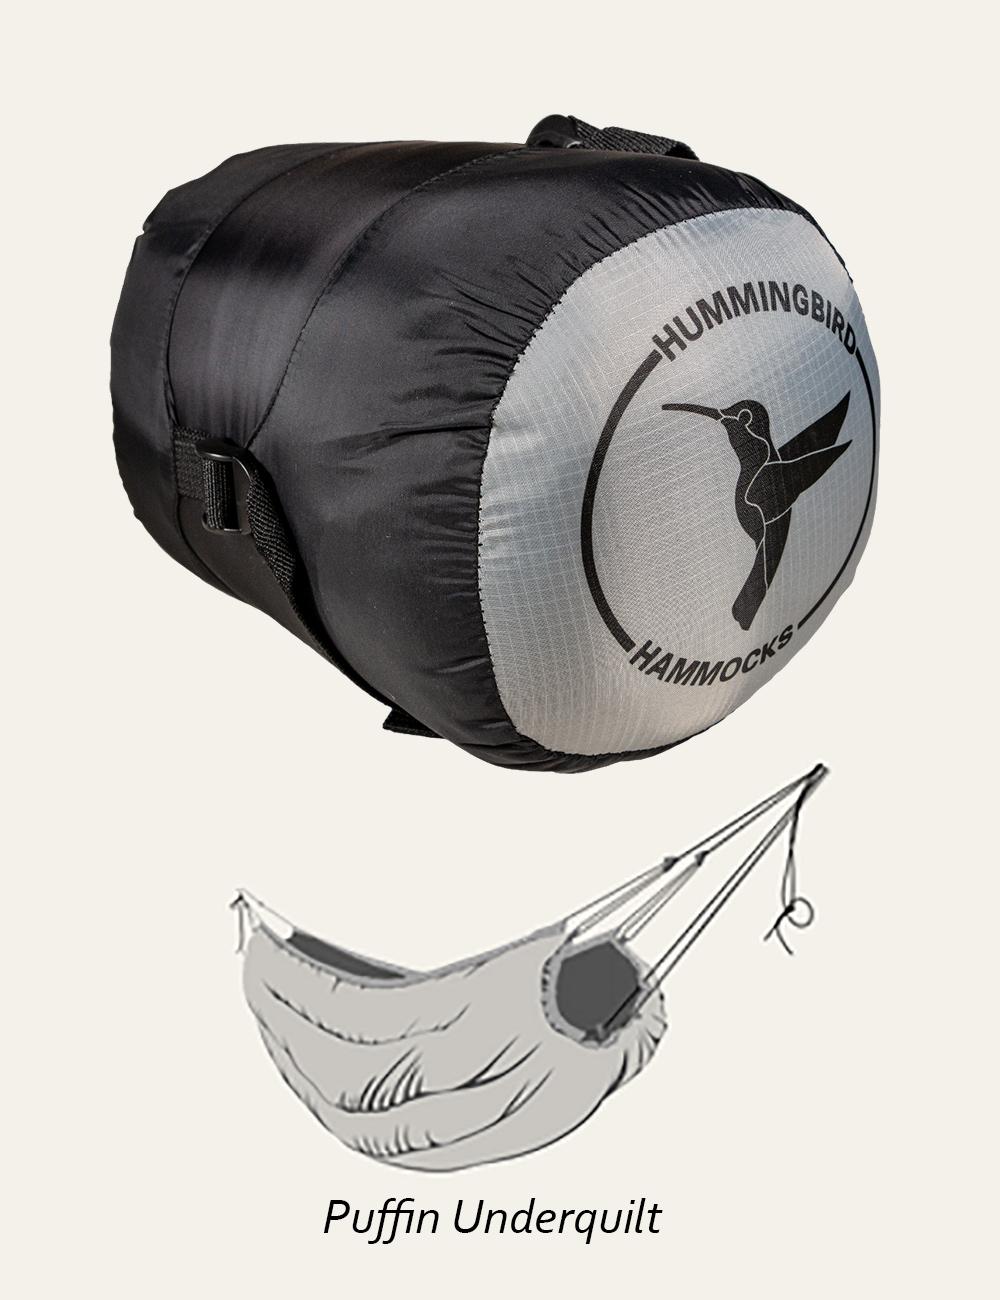 ハミングバードハンモック パッフィンアンダーキルト 766g Hummingbird Hammocks Puffin Underquilt キャンプ アウトドア